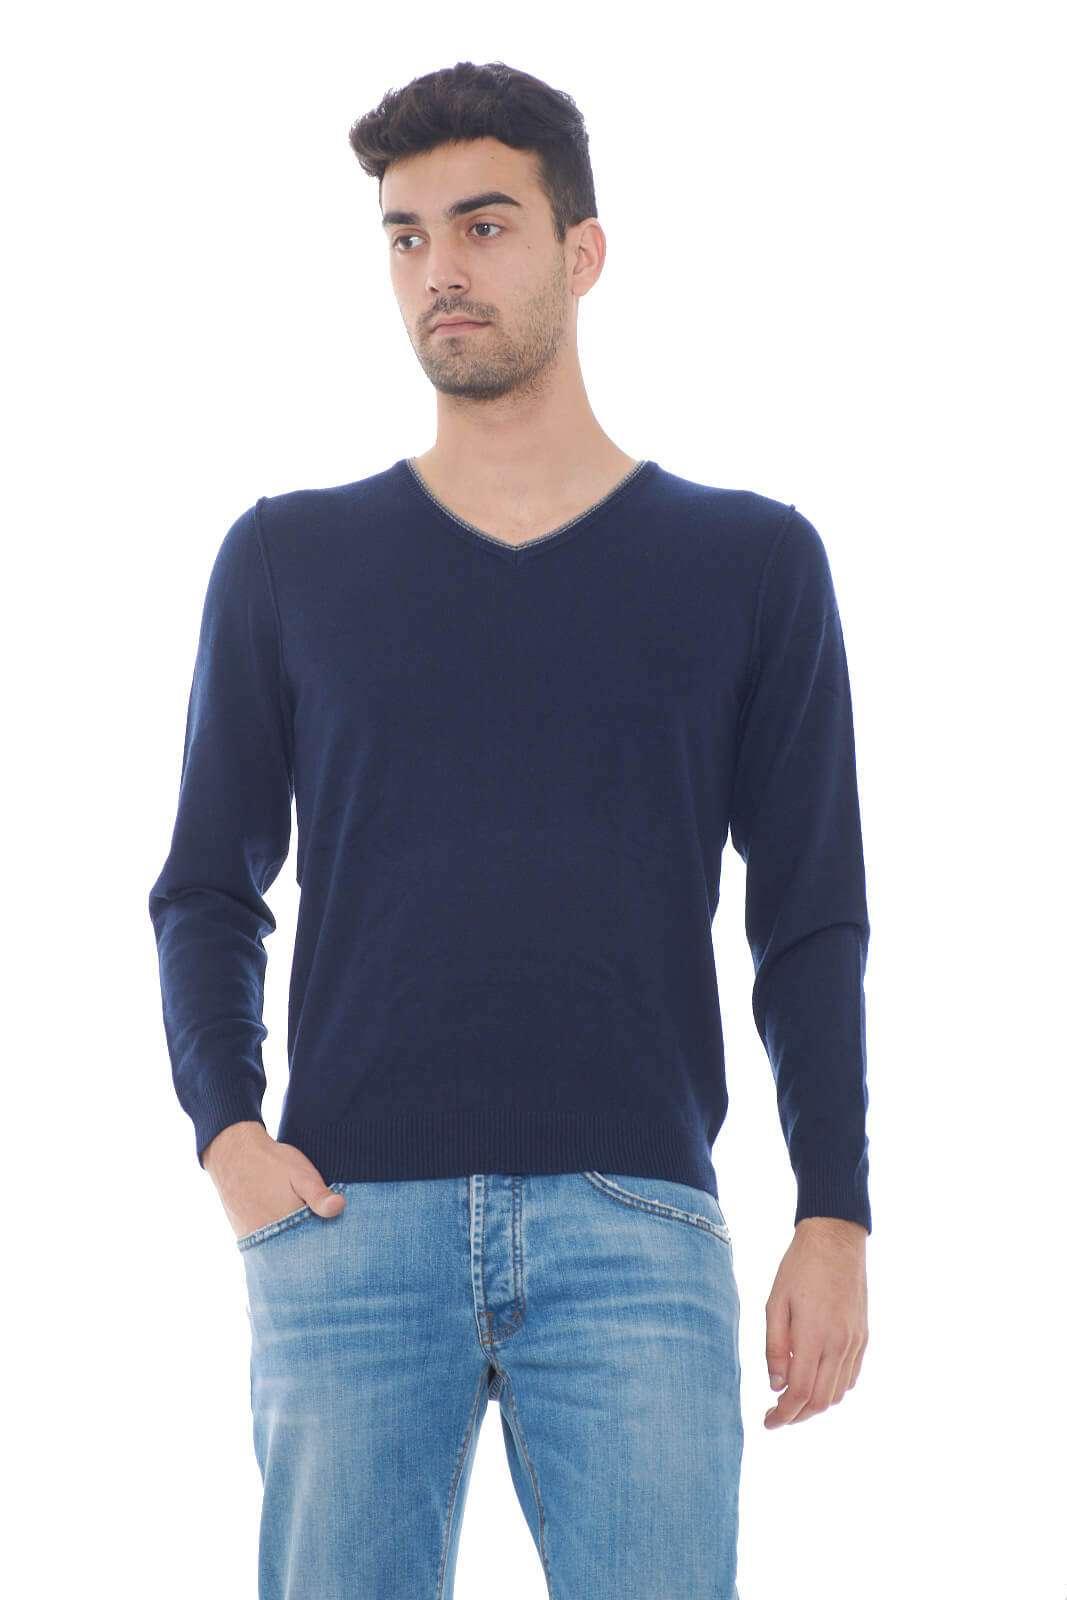 Un maglioncino pratico e versatile, perfetto per look che non vogliono strafare, ma che non rinunciano nemmeno allo stile. Lo scollo a V, permette di abbinarlo a t shirt o camicie, a seconda dell'occasione. Il modello è alto 1,80m e indossa la taglia M.